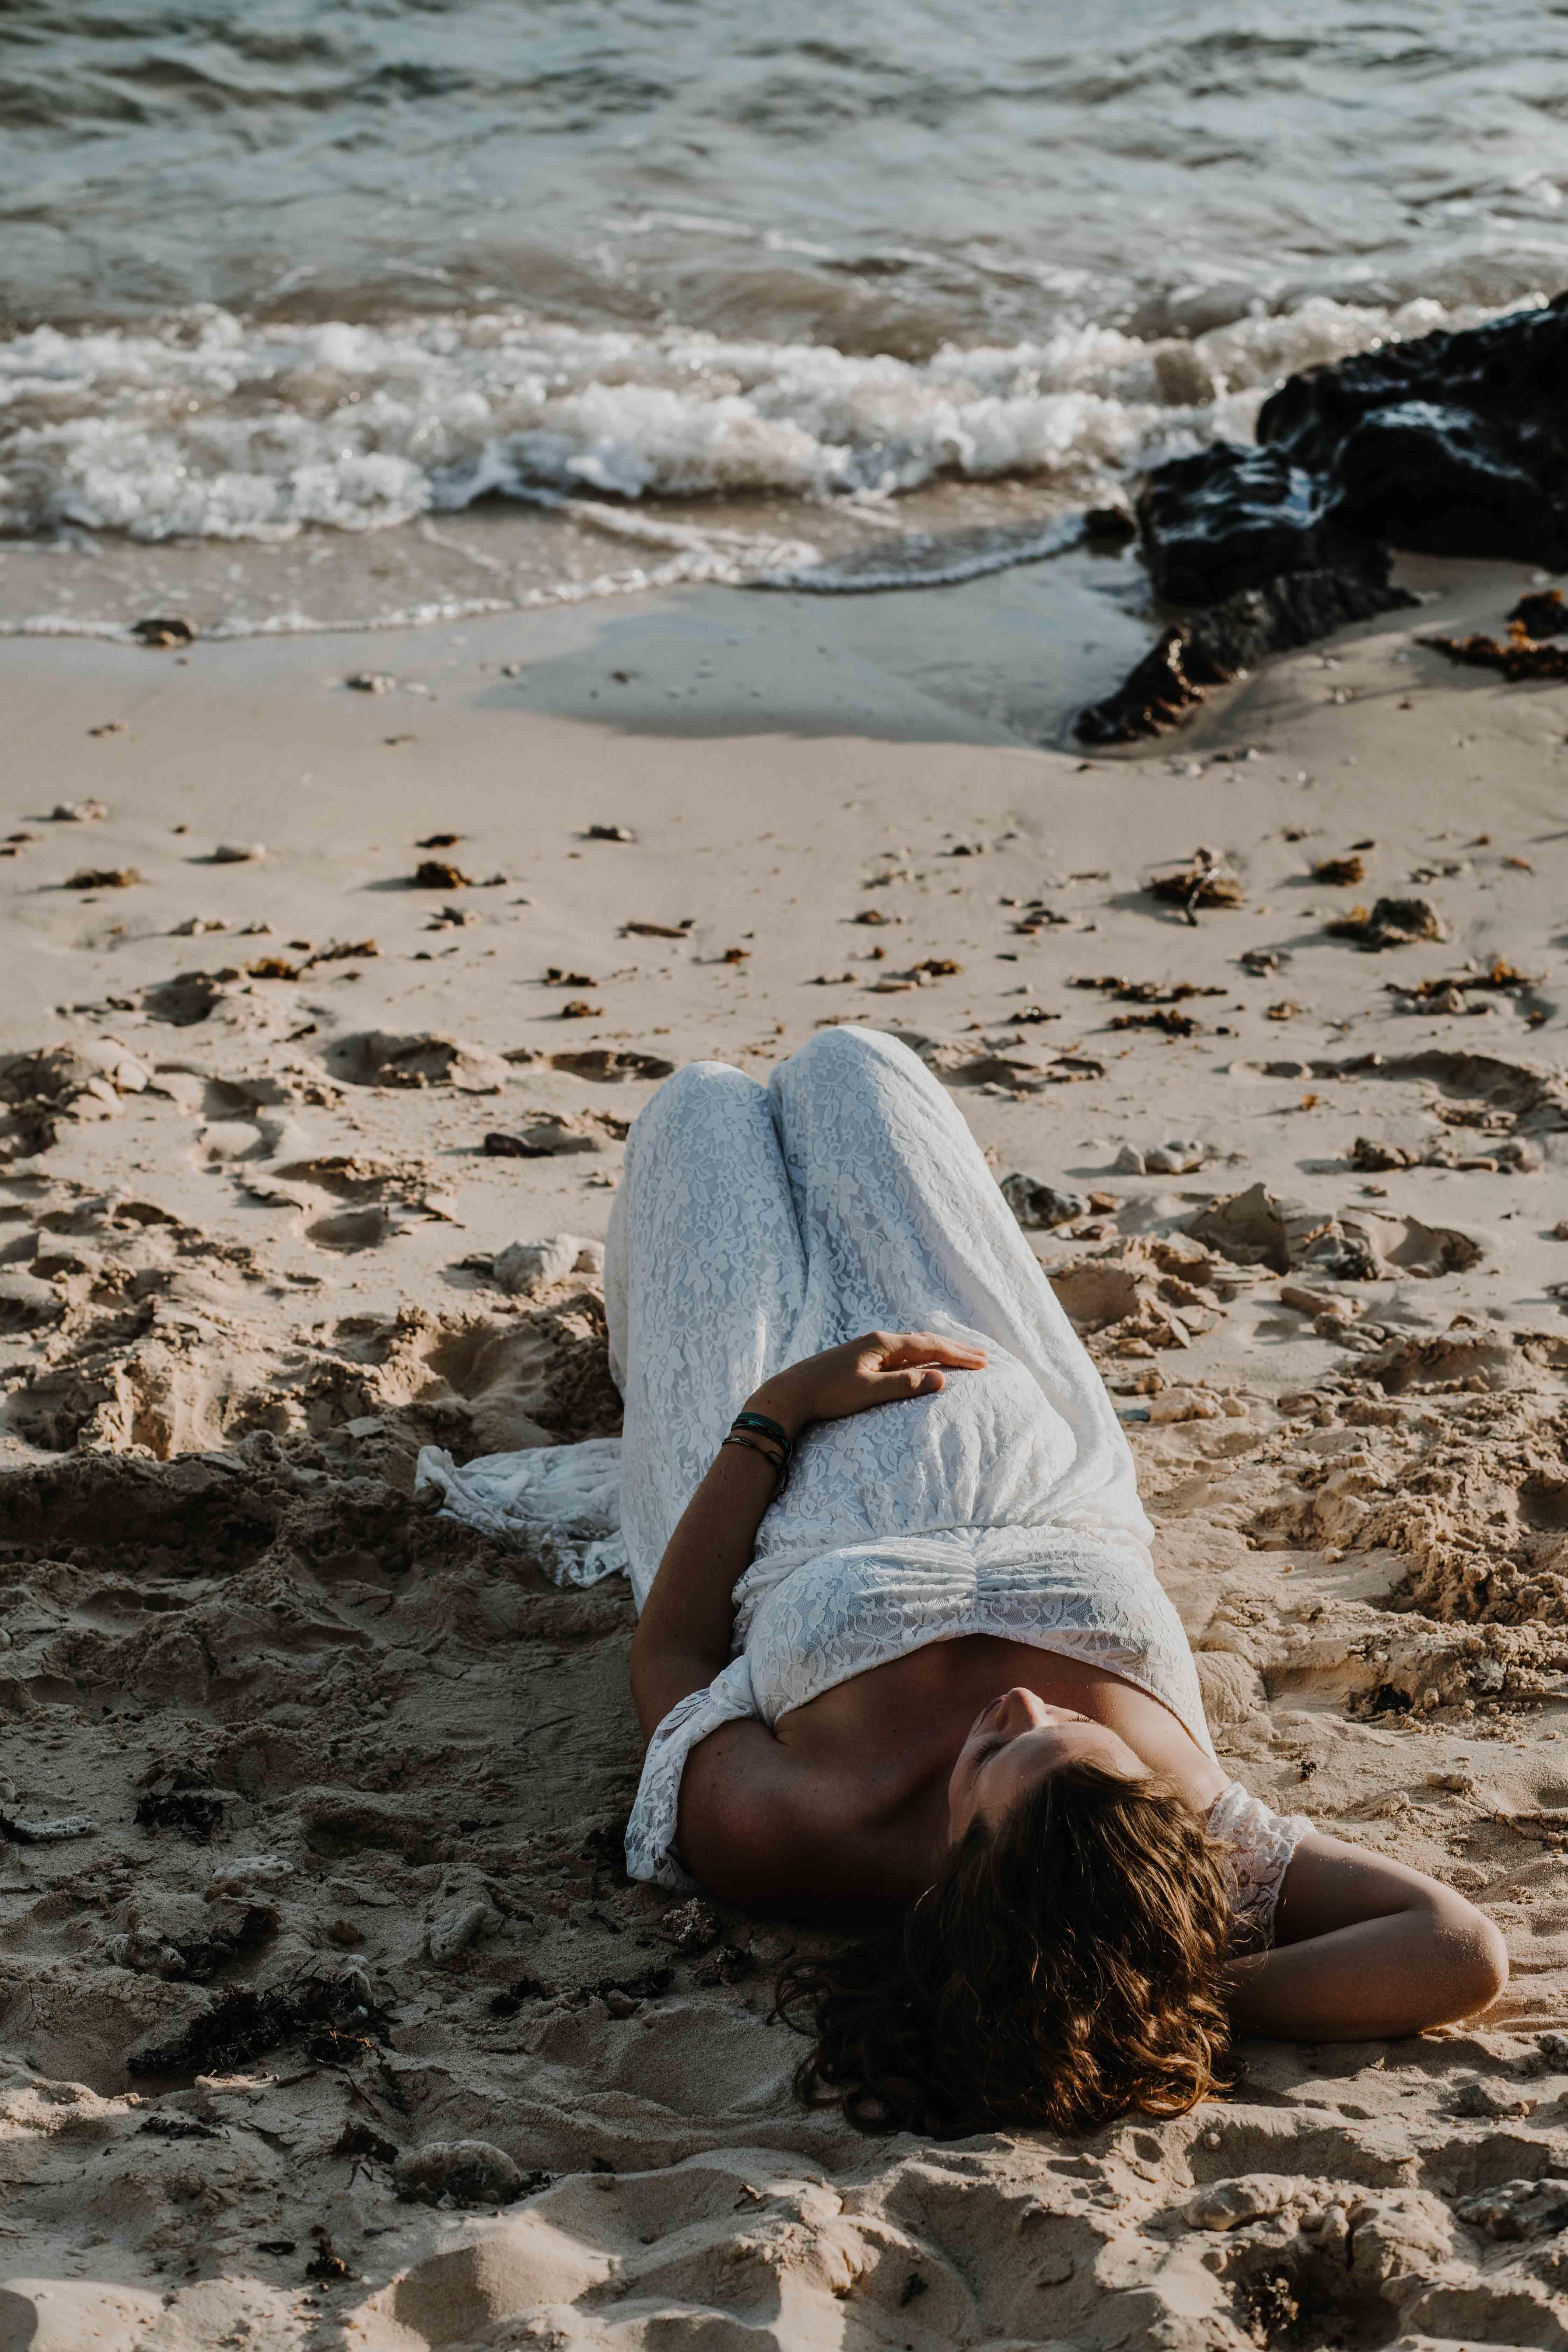 la femme enceinte est allongée sur la plage, sur le dos, la main posée sur son ventre rond